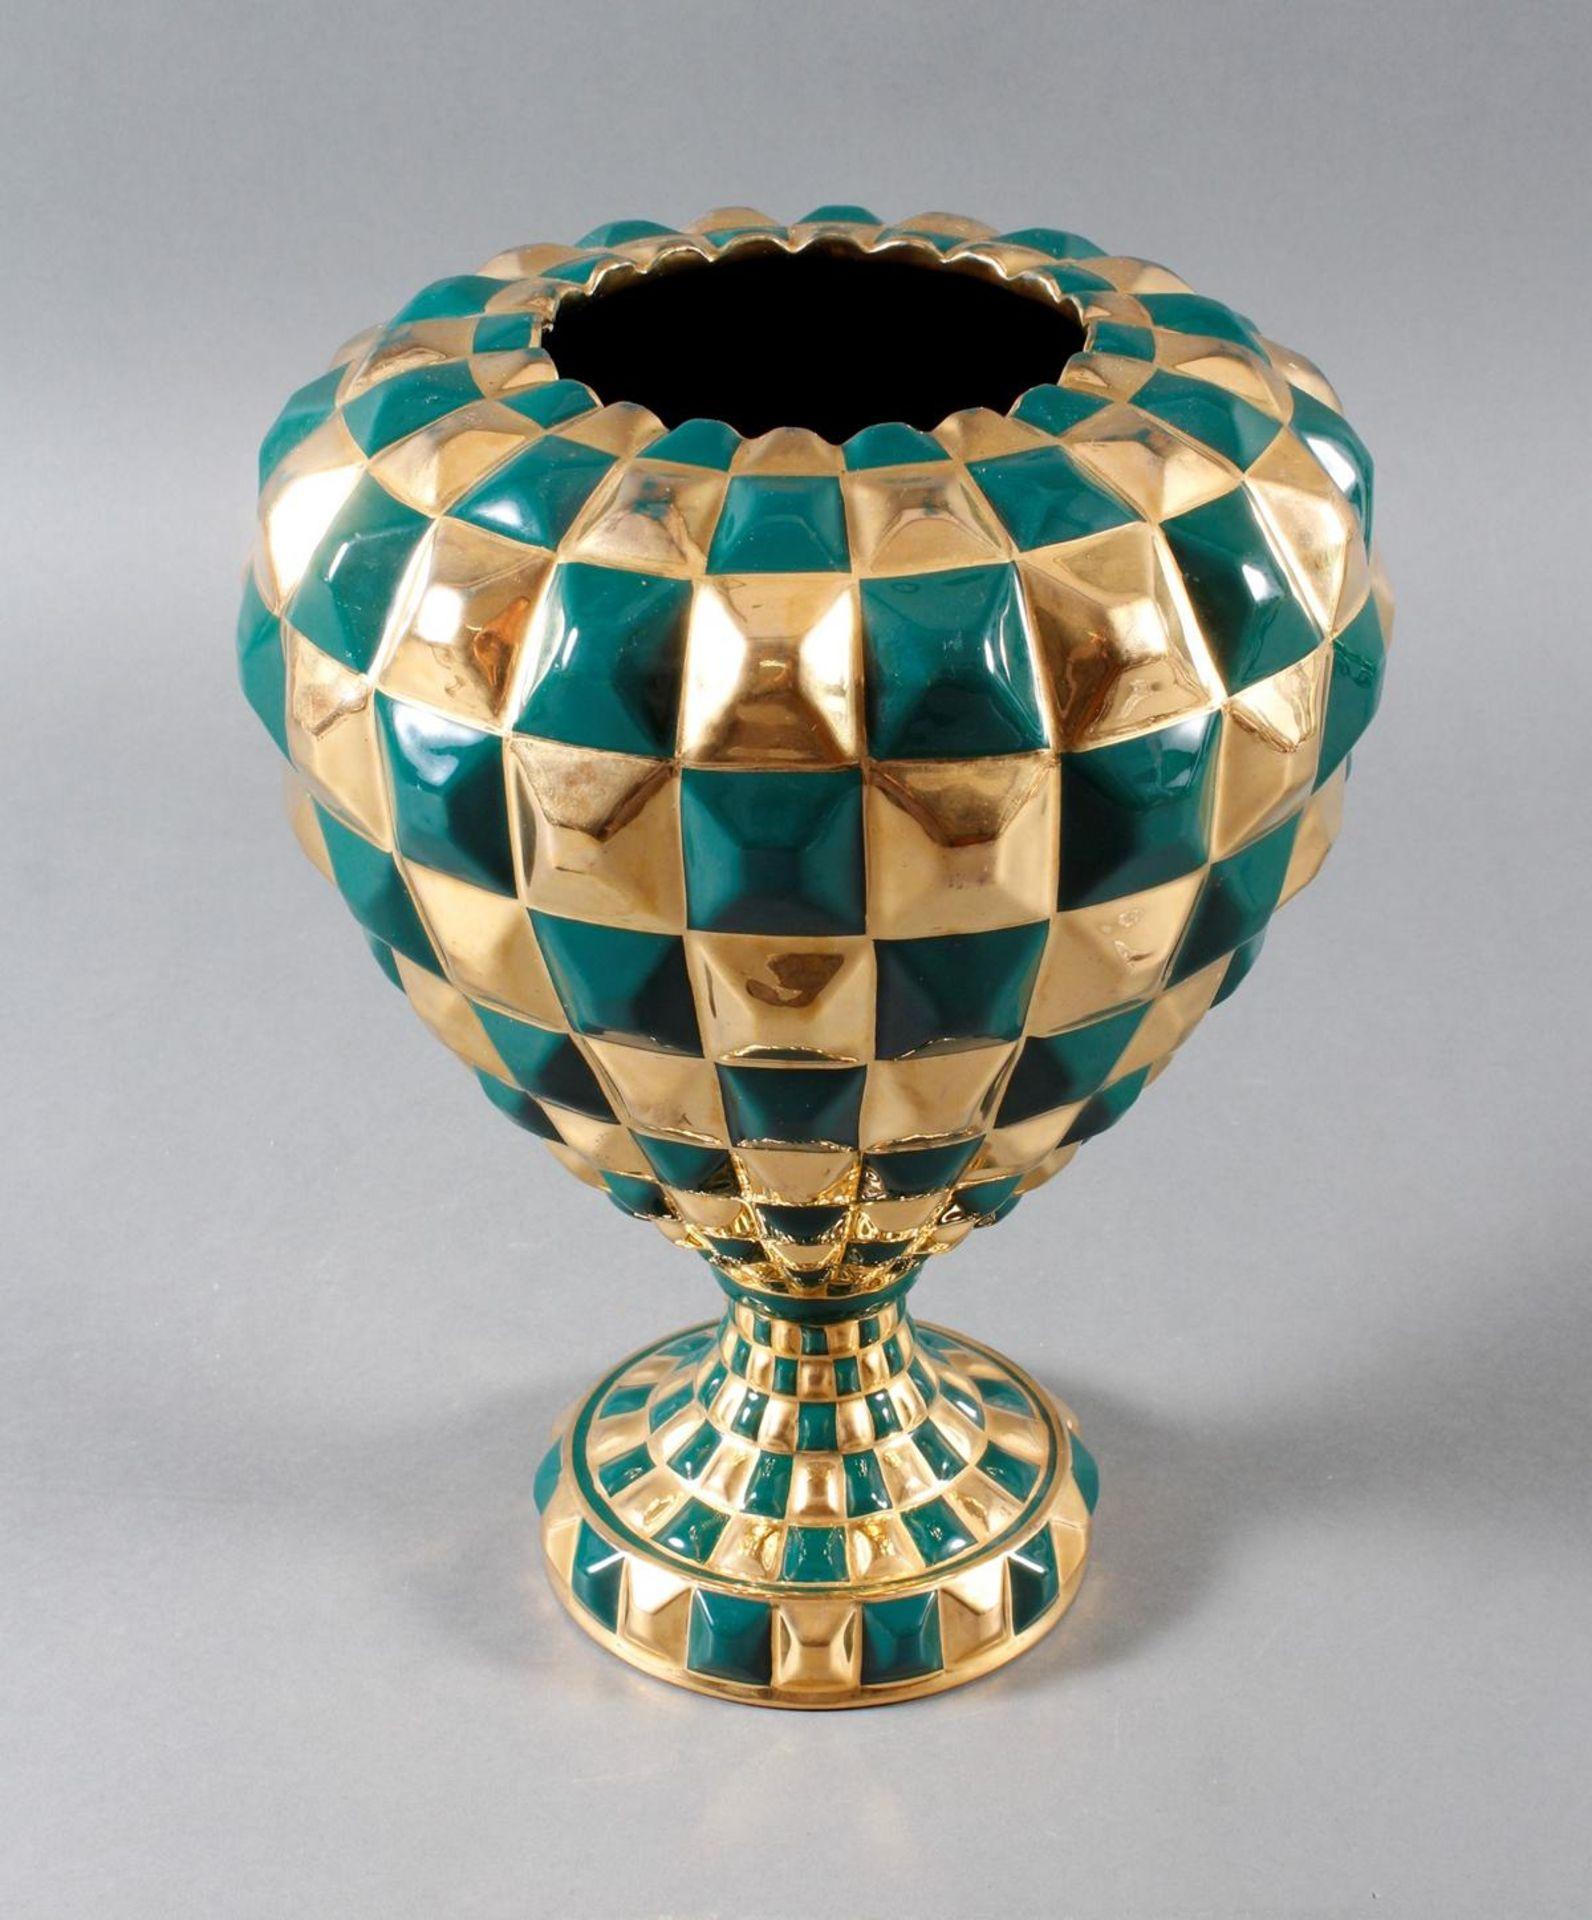 Designer-Keramikvase, wohl 1960er Jahre - Bild 3 aus 5